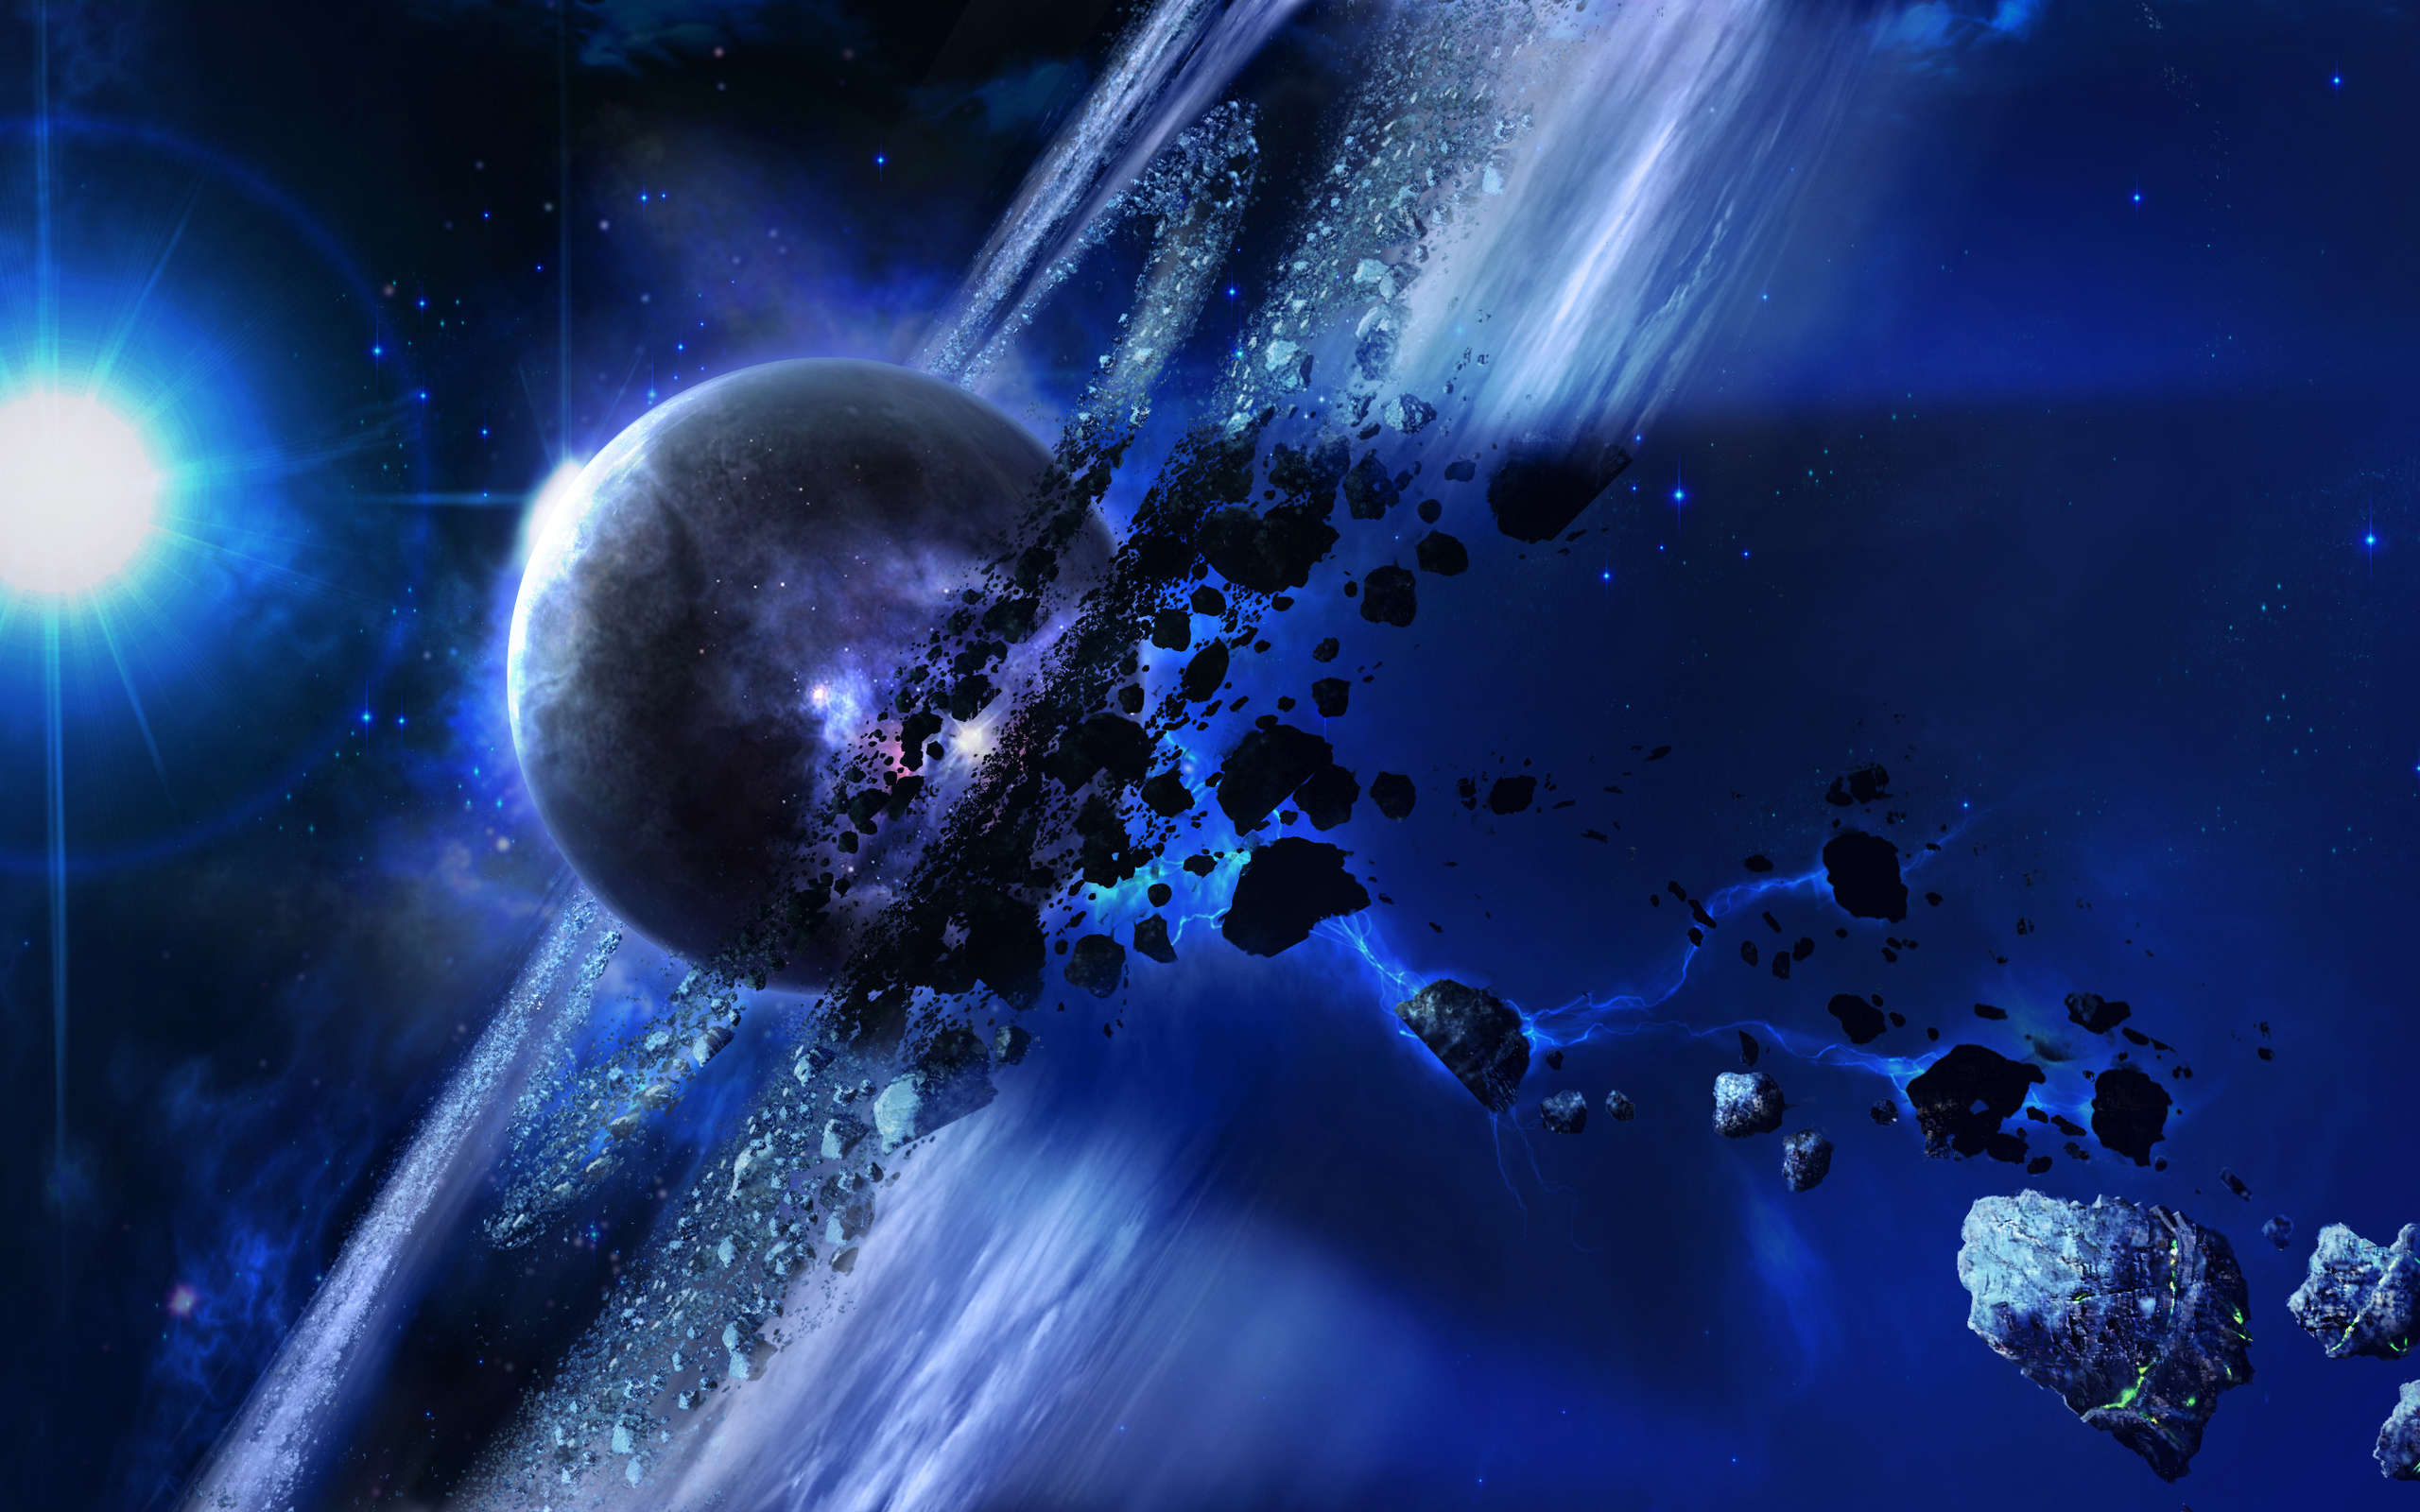 Обои Другой мир картинки на рабочий стол на тему Космос - скачать загрузить